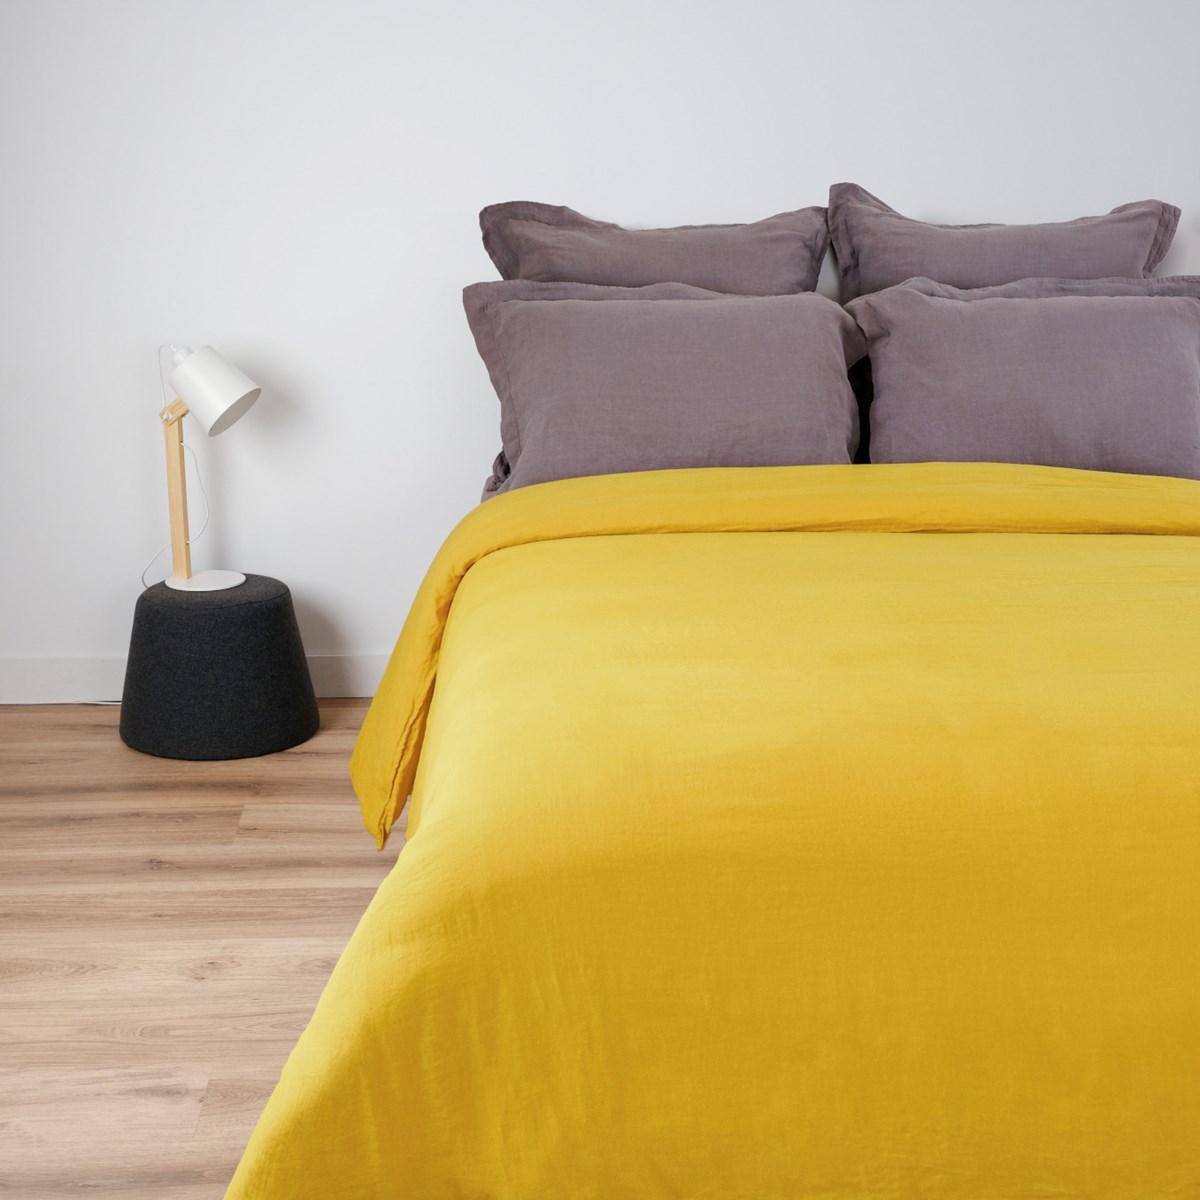 Housse de couette naturelle en lin jaune clair 240x260 cm